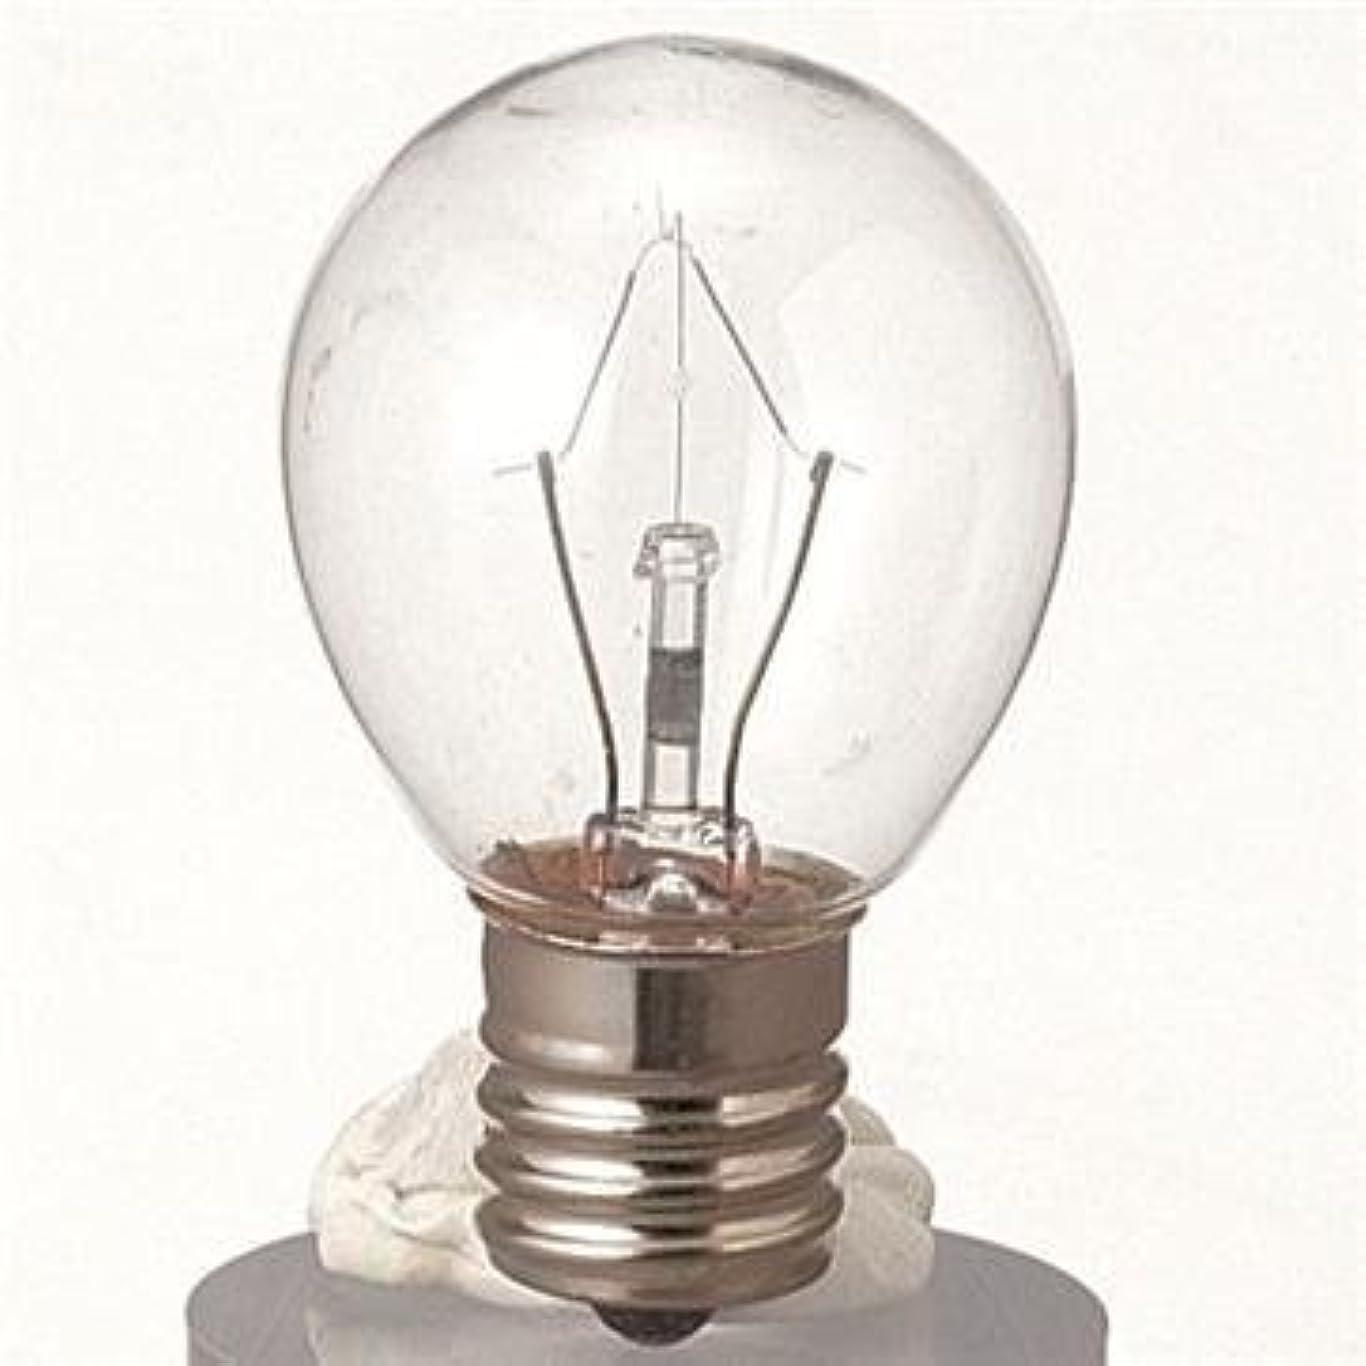 慈善ゆるい飲食店生活の木 アロマランプL用 電球[25W]